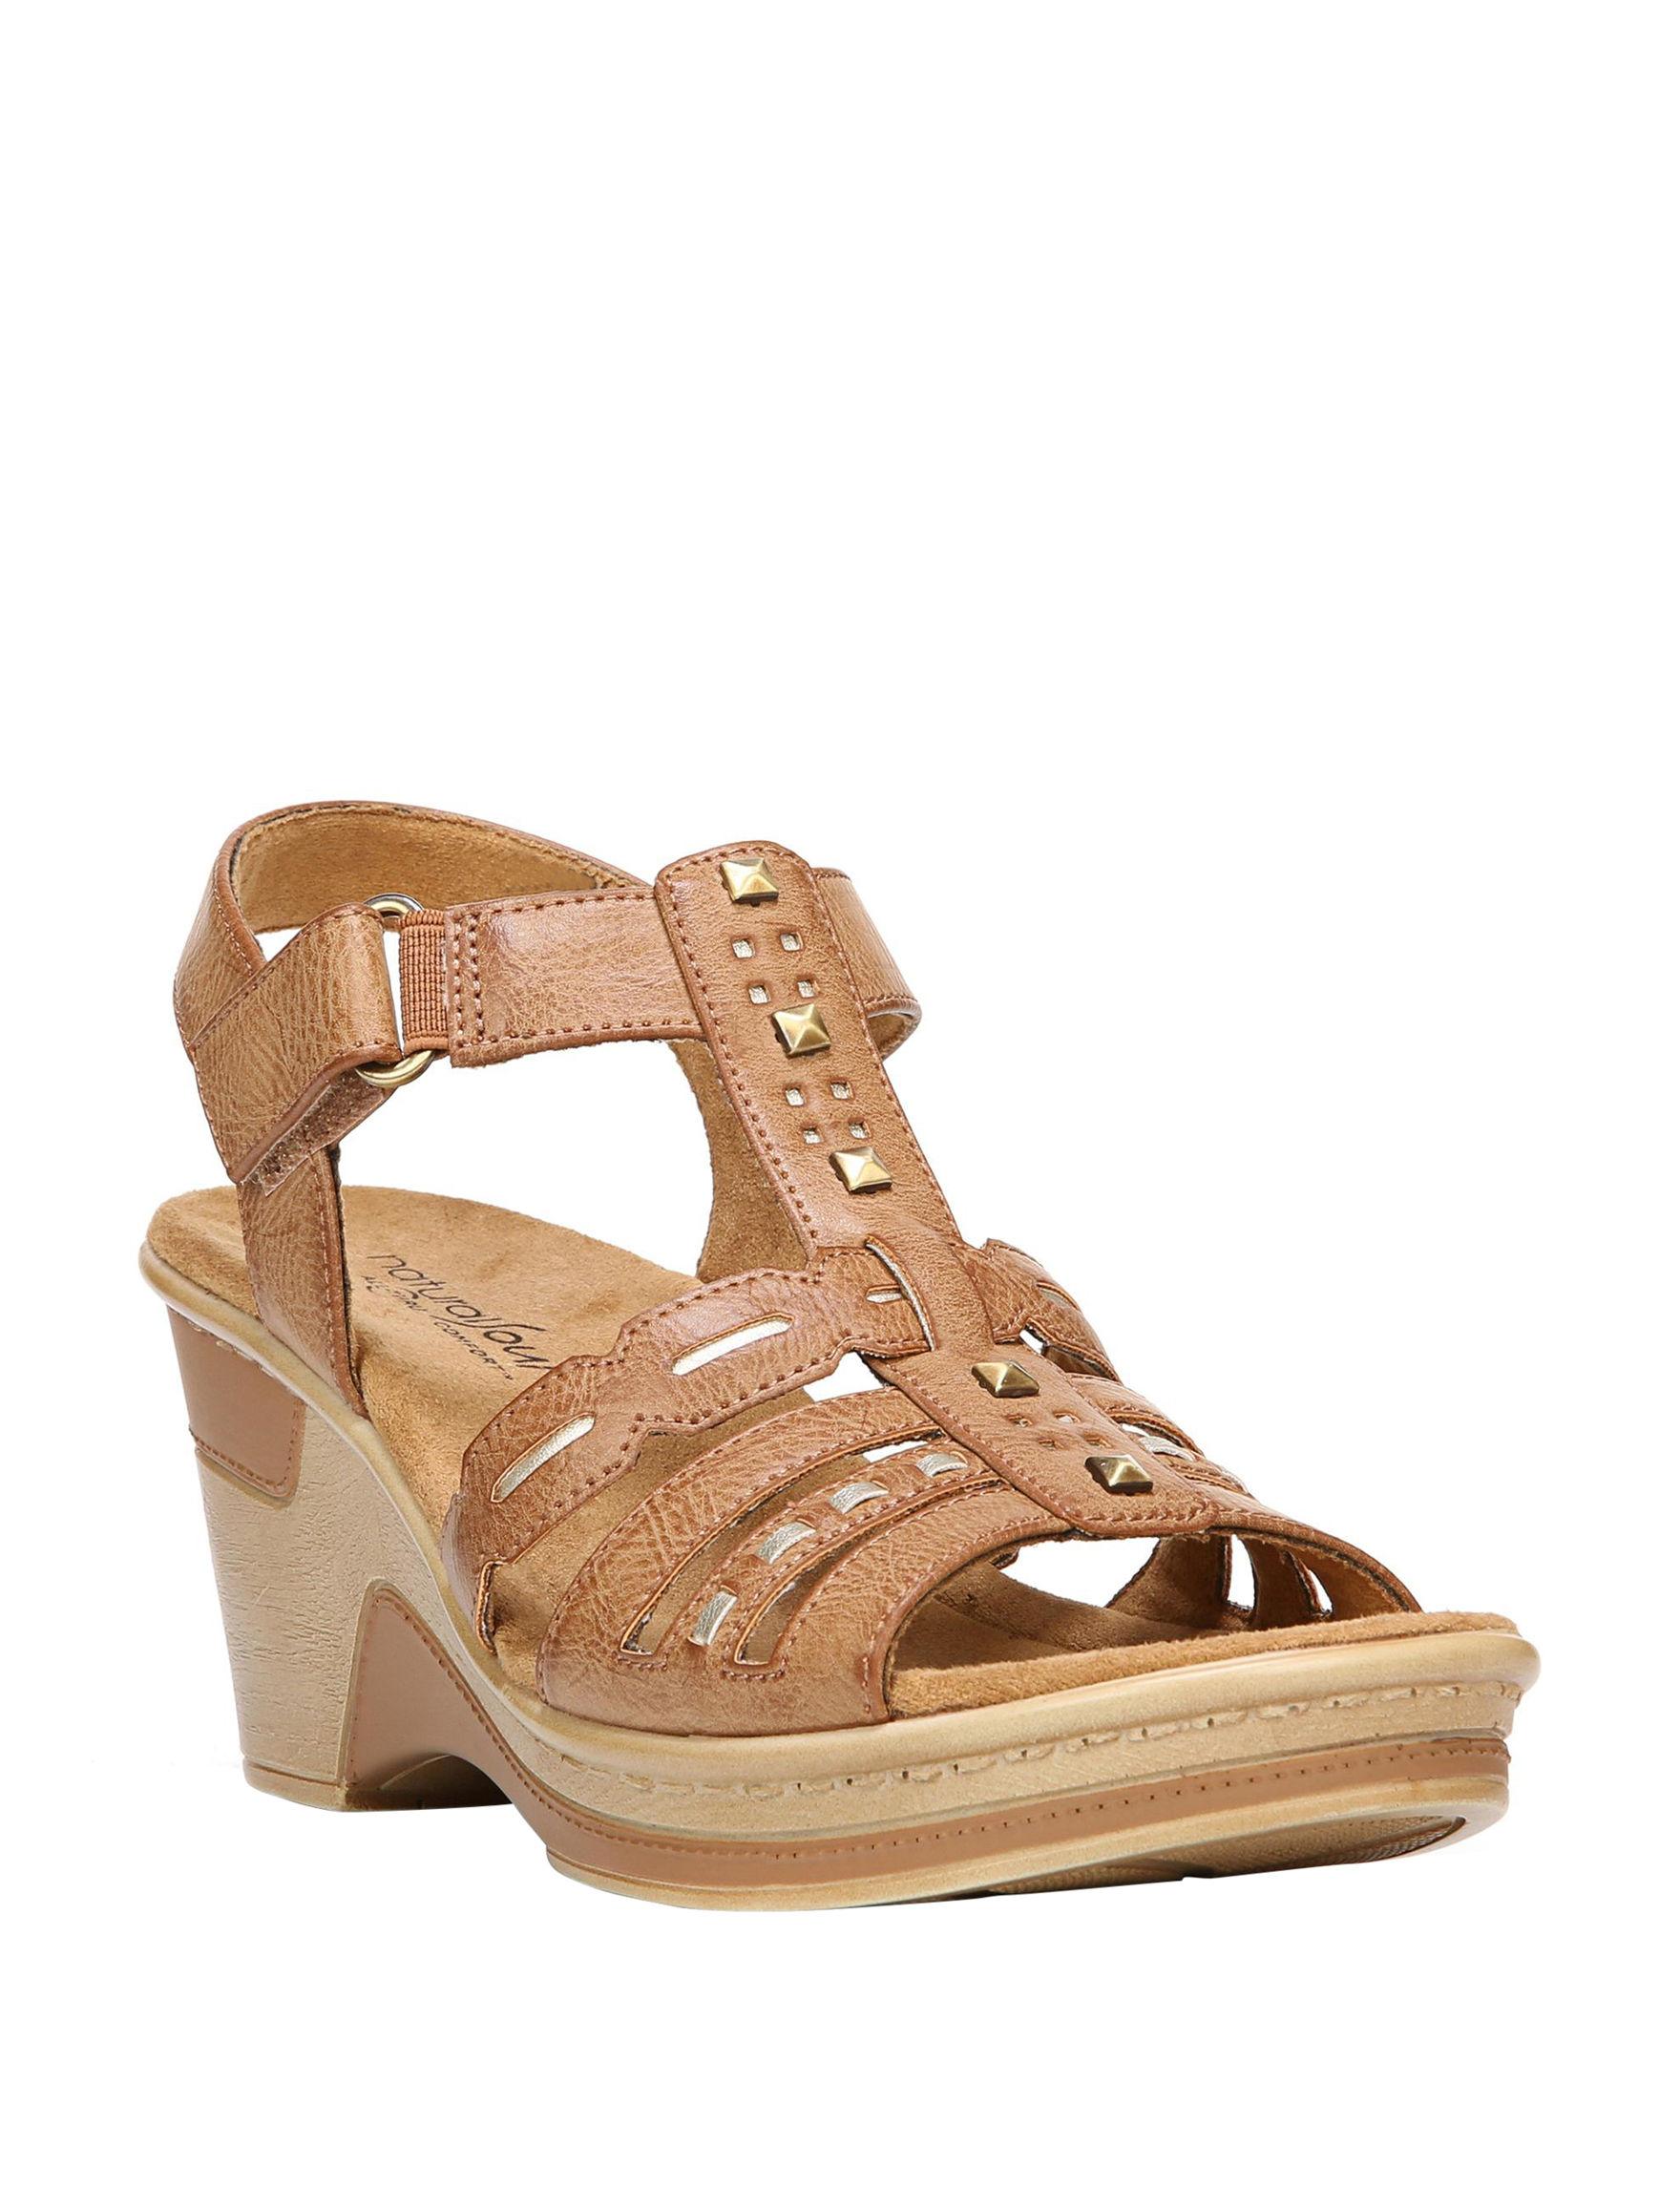 Natural Soul Beige Wedge Sandals